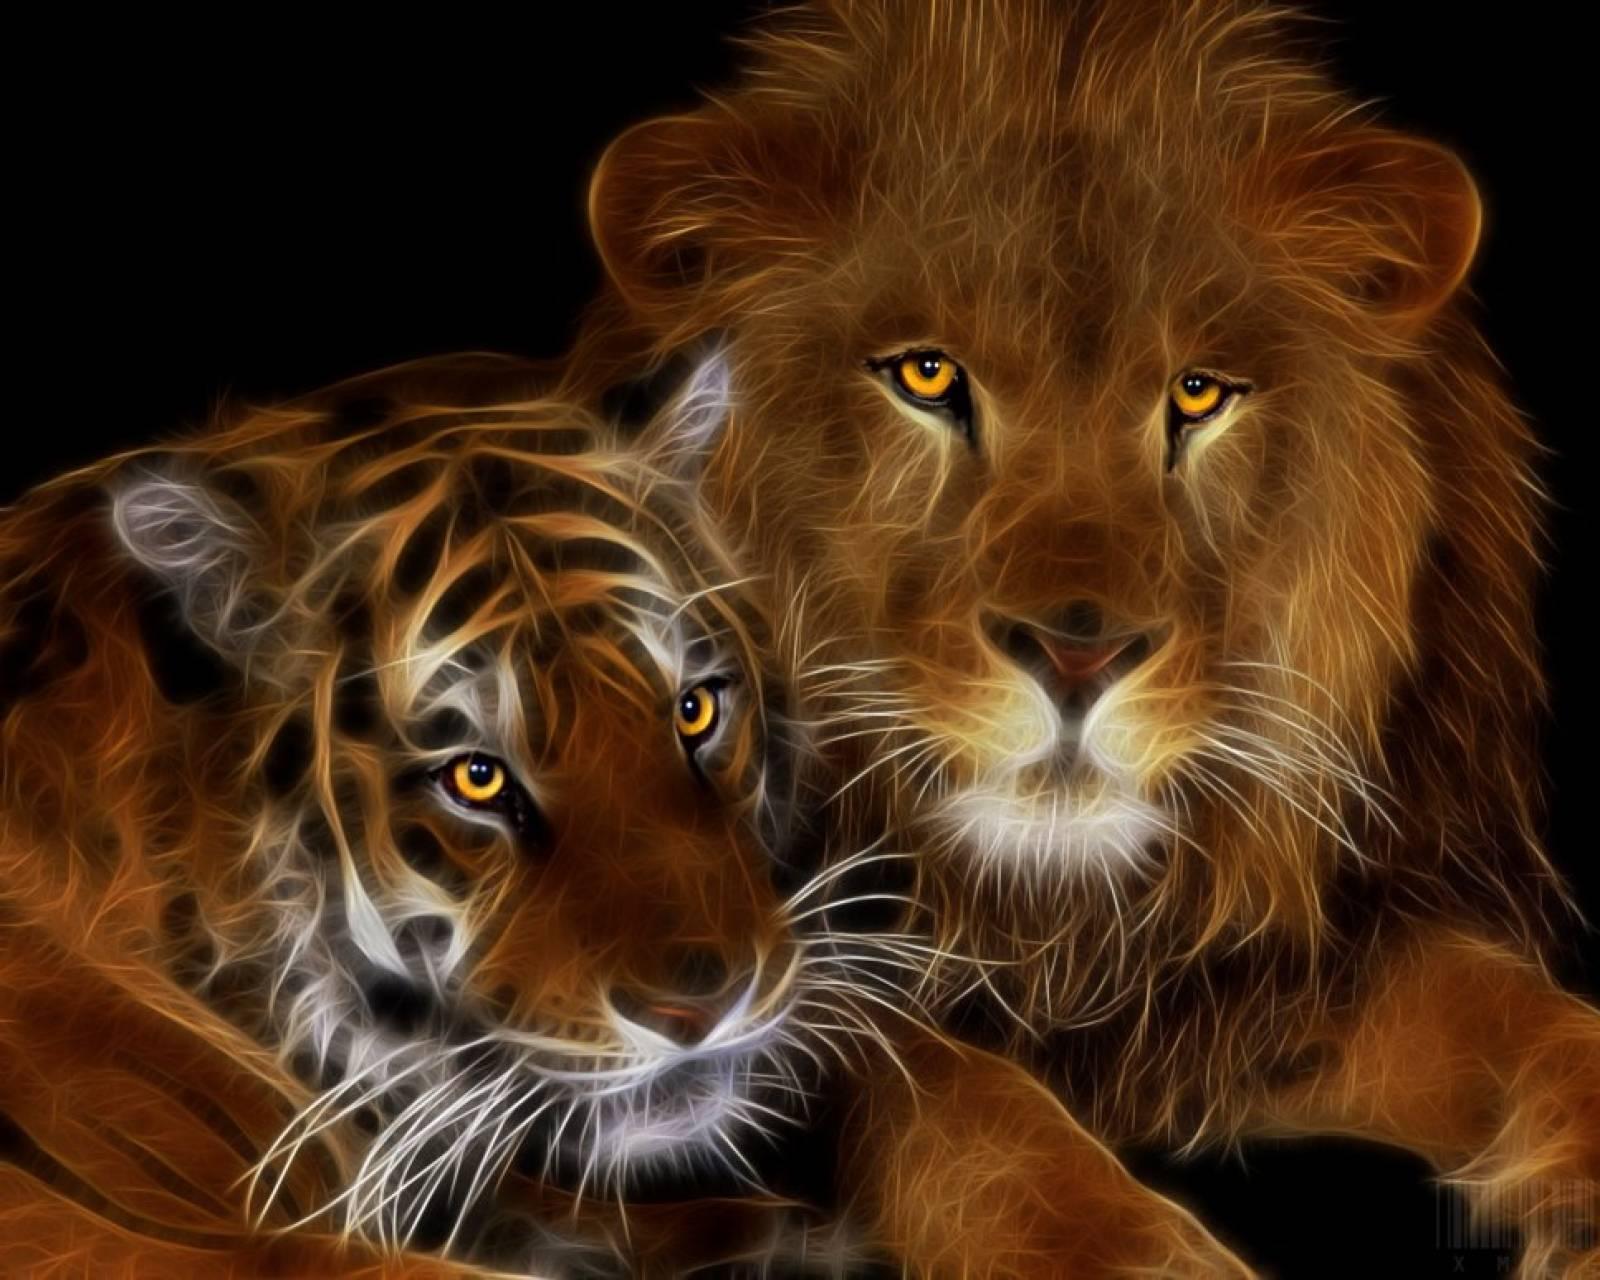 Открытка днем, открытки львы и тигры